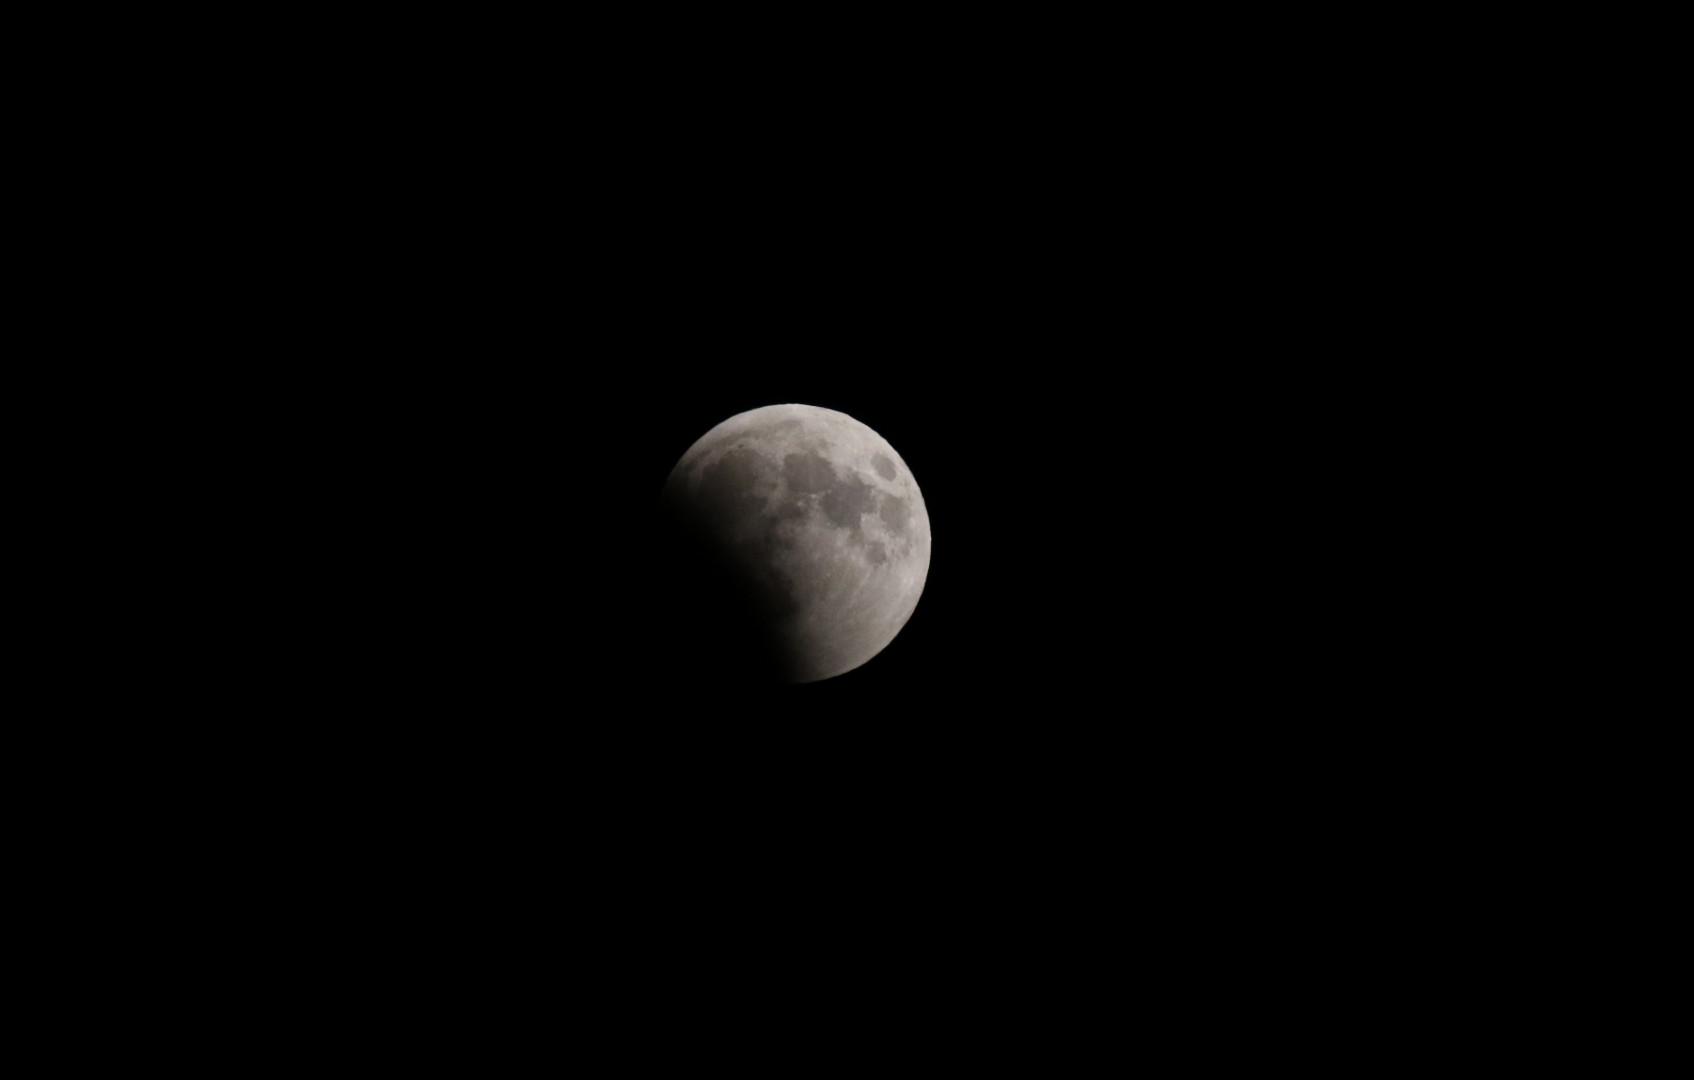 L'éclipse de Lune du 27 juillet 2018 observée depuis Arbil, en Irak